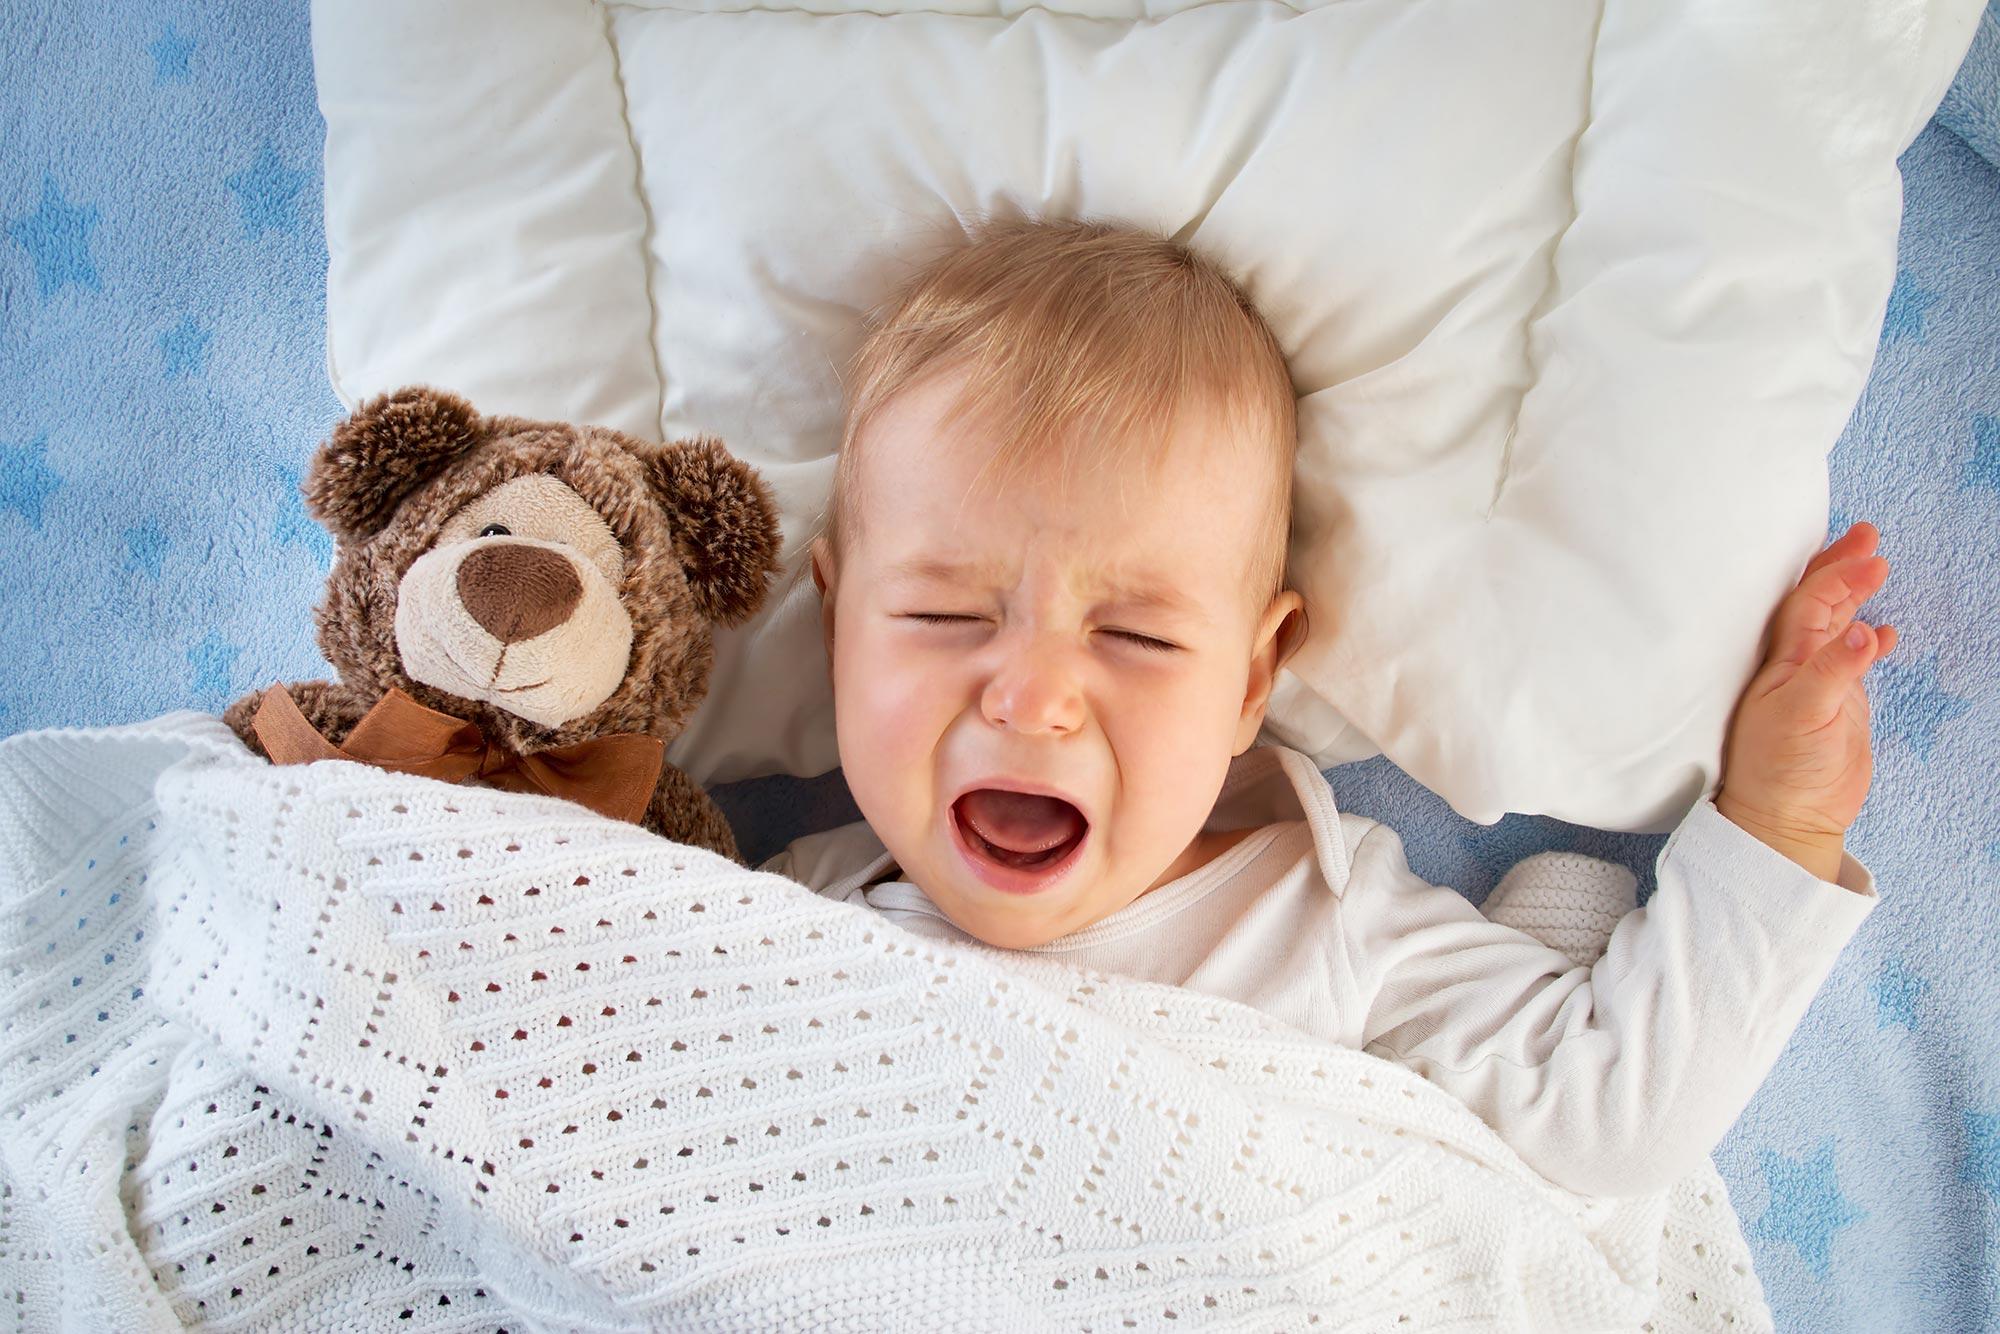 Kind schreit Nachts - Was tun?